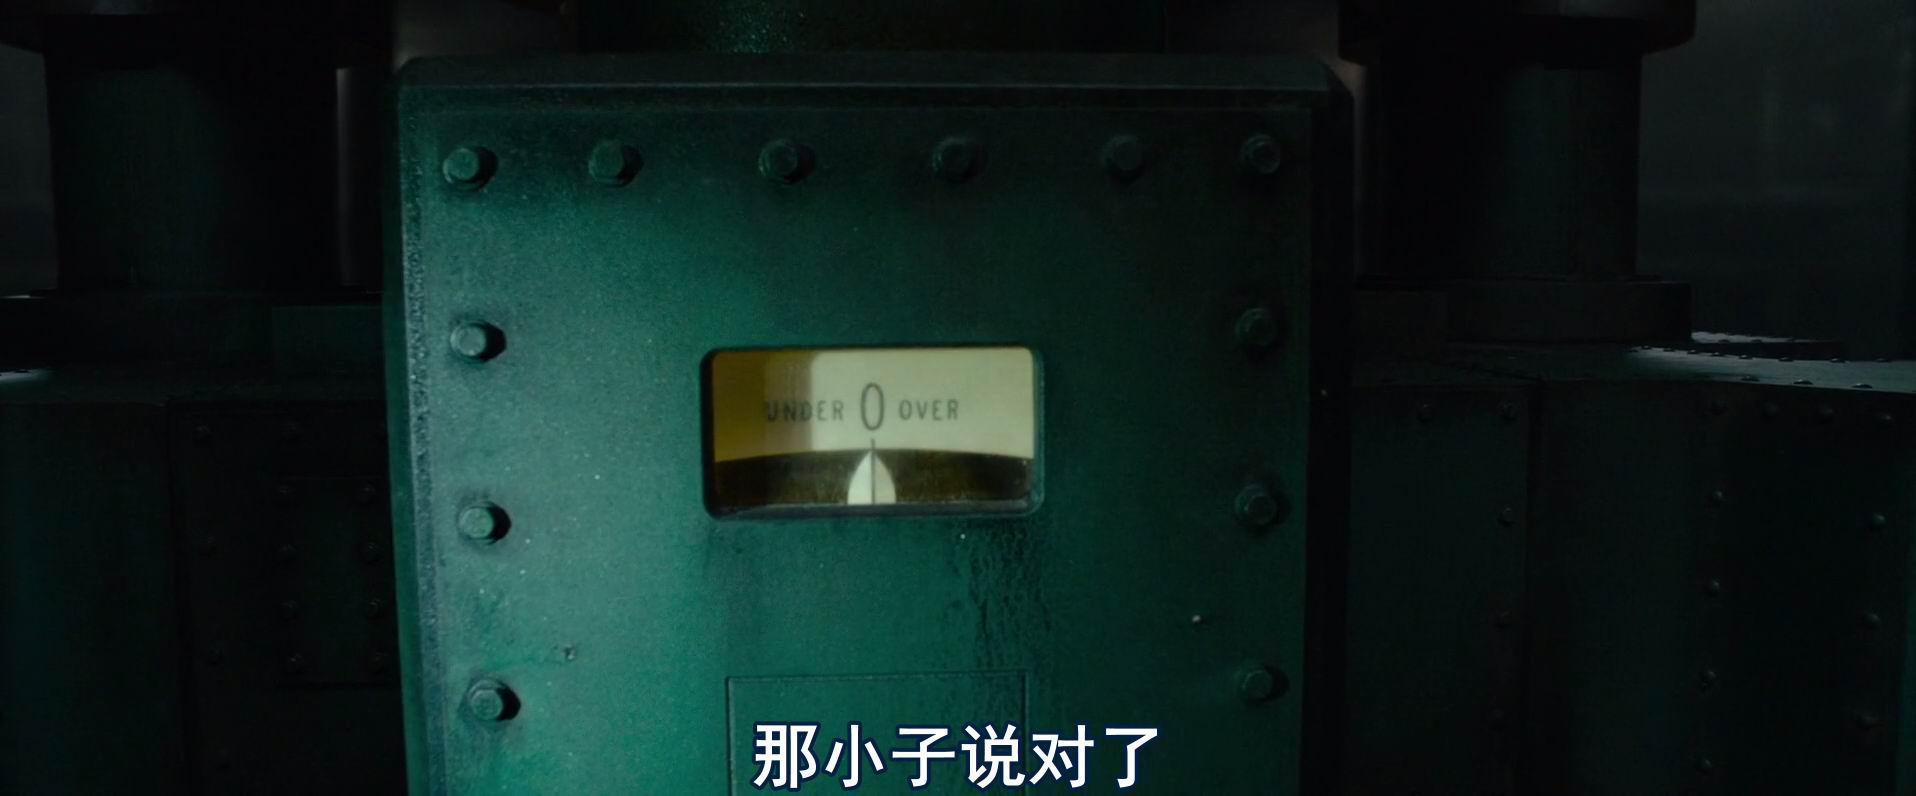 [沿路而下/90分钟惊涛械劫][WEB-MKV/2.3G][英语中字][2021火猛新片/1080p]